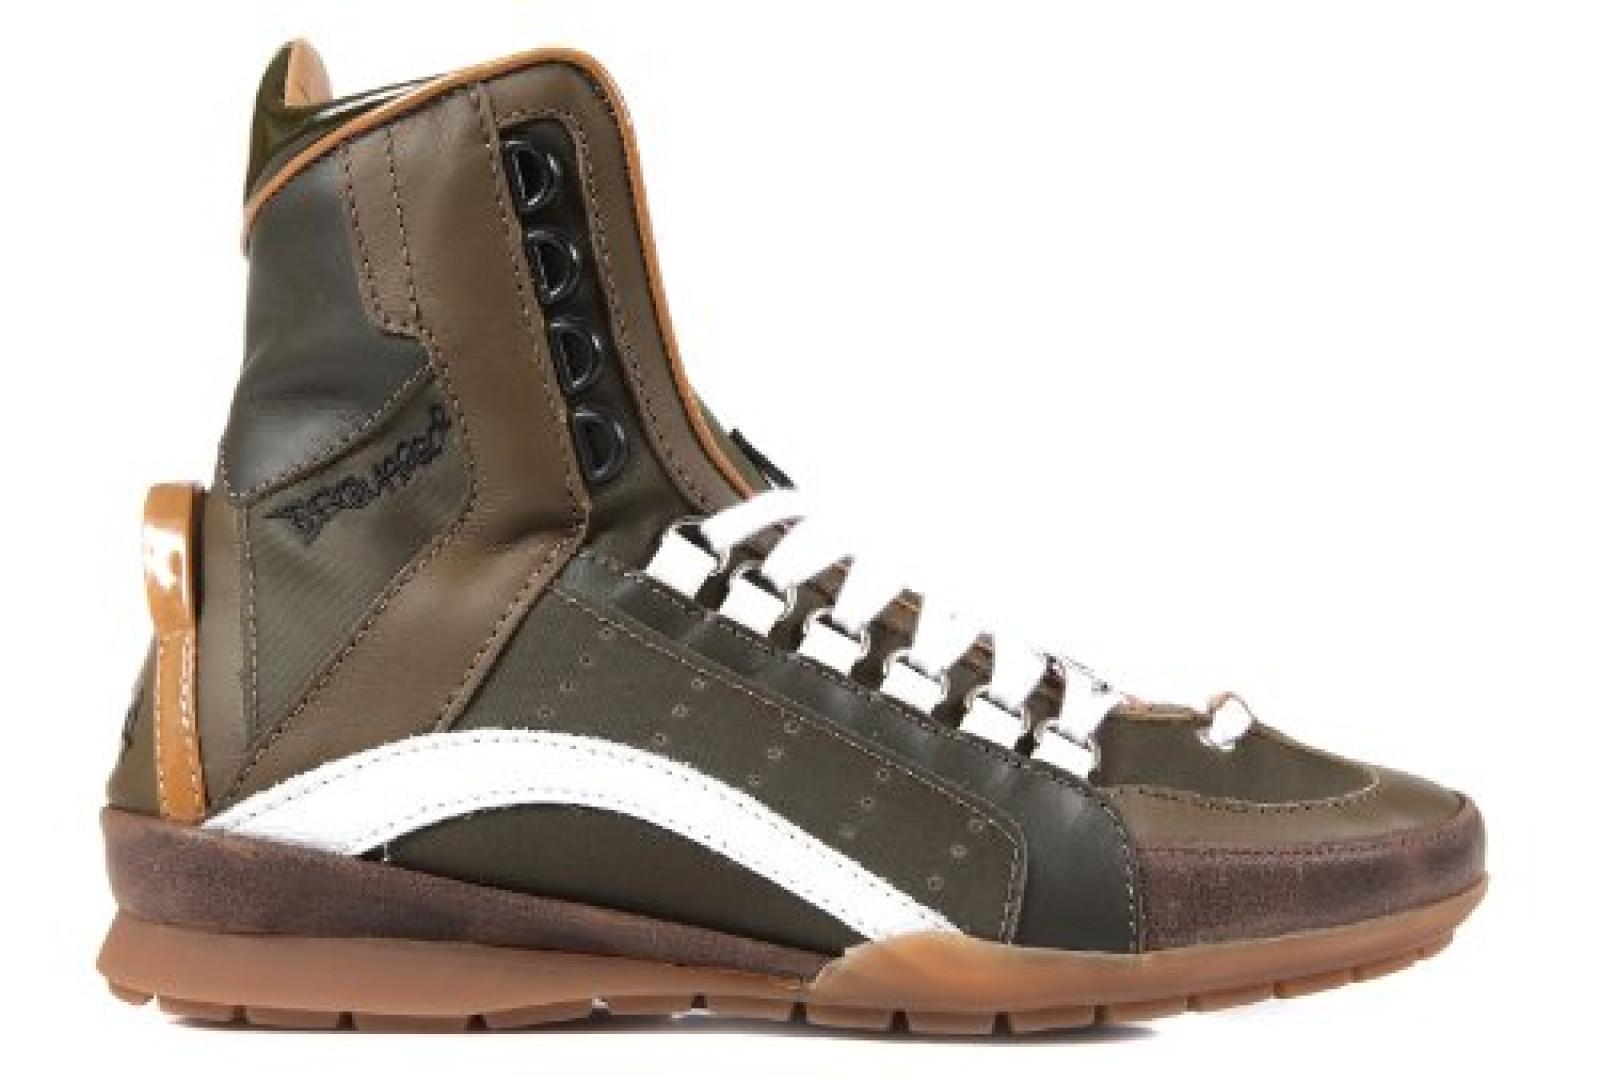 Dsquared2 Dsquared Herrenschuhe Herren Leder Schuhe High Sneakers Grün